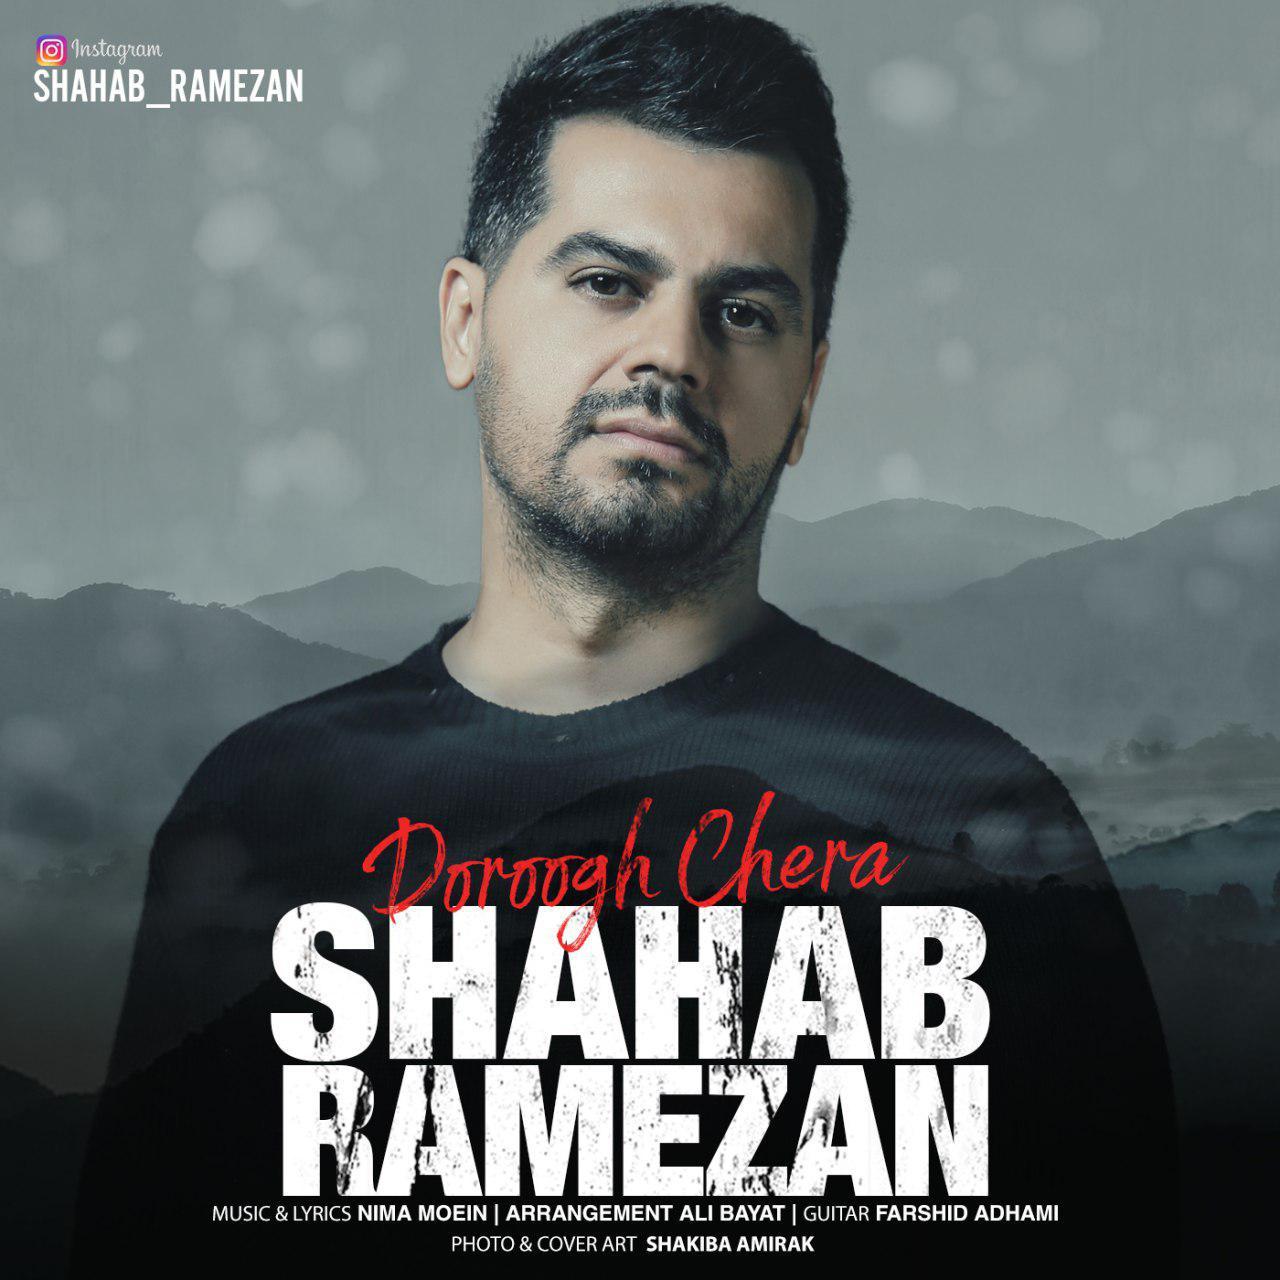 شهاب رمضان آهنگ دروغ چرا